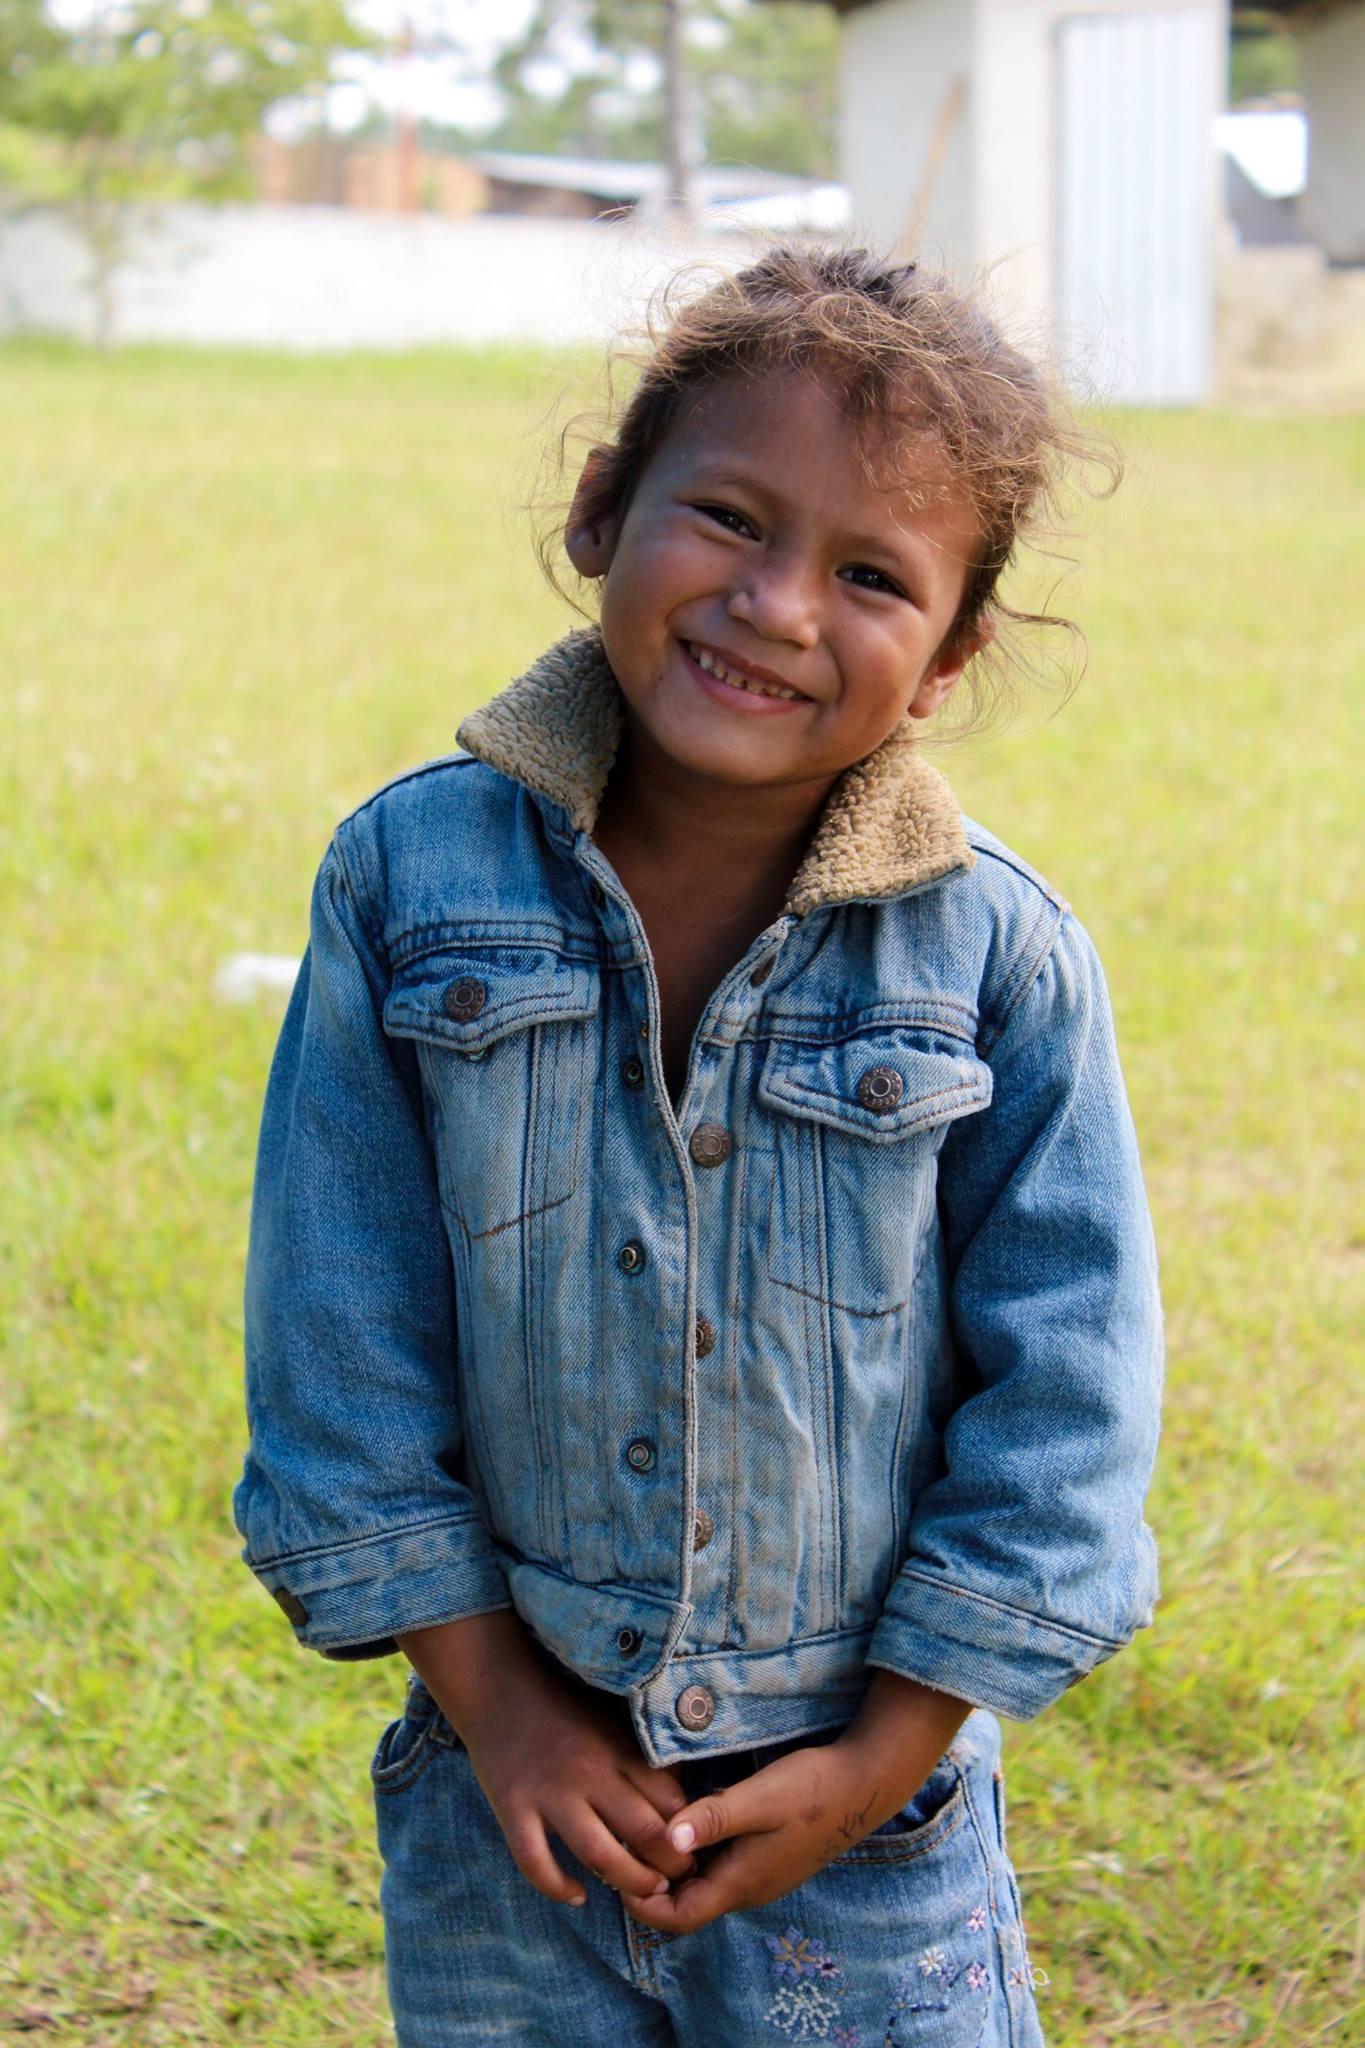 jean jacket girl